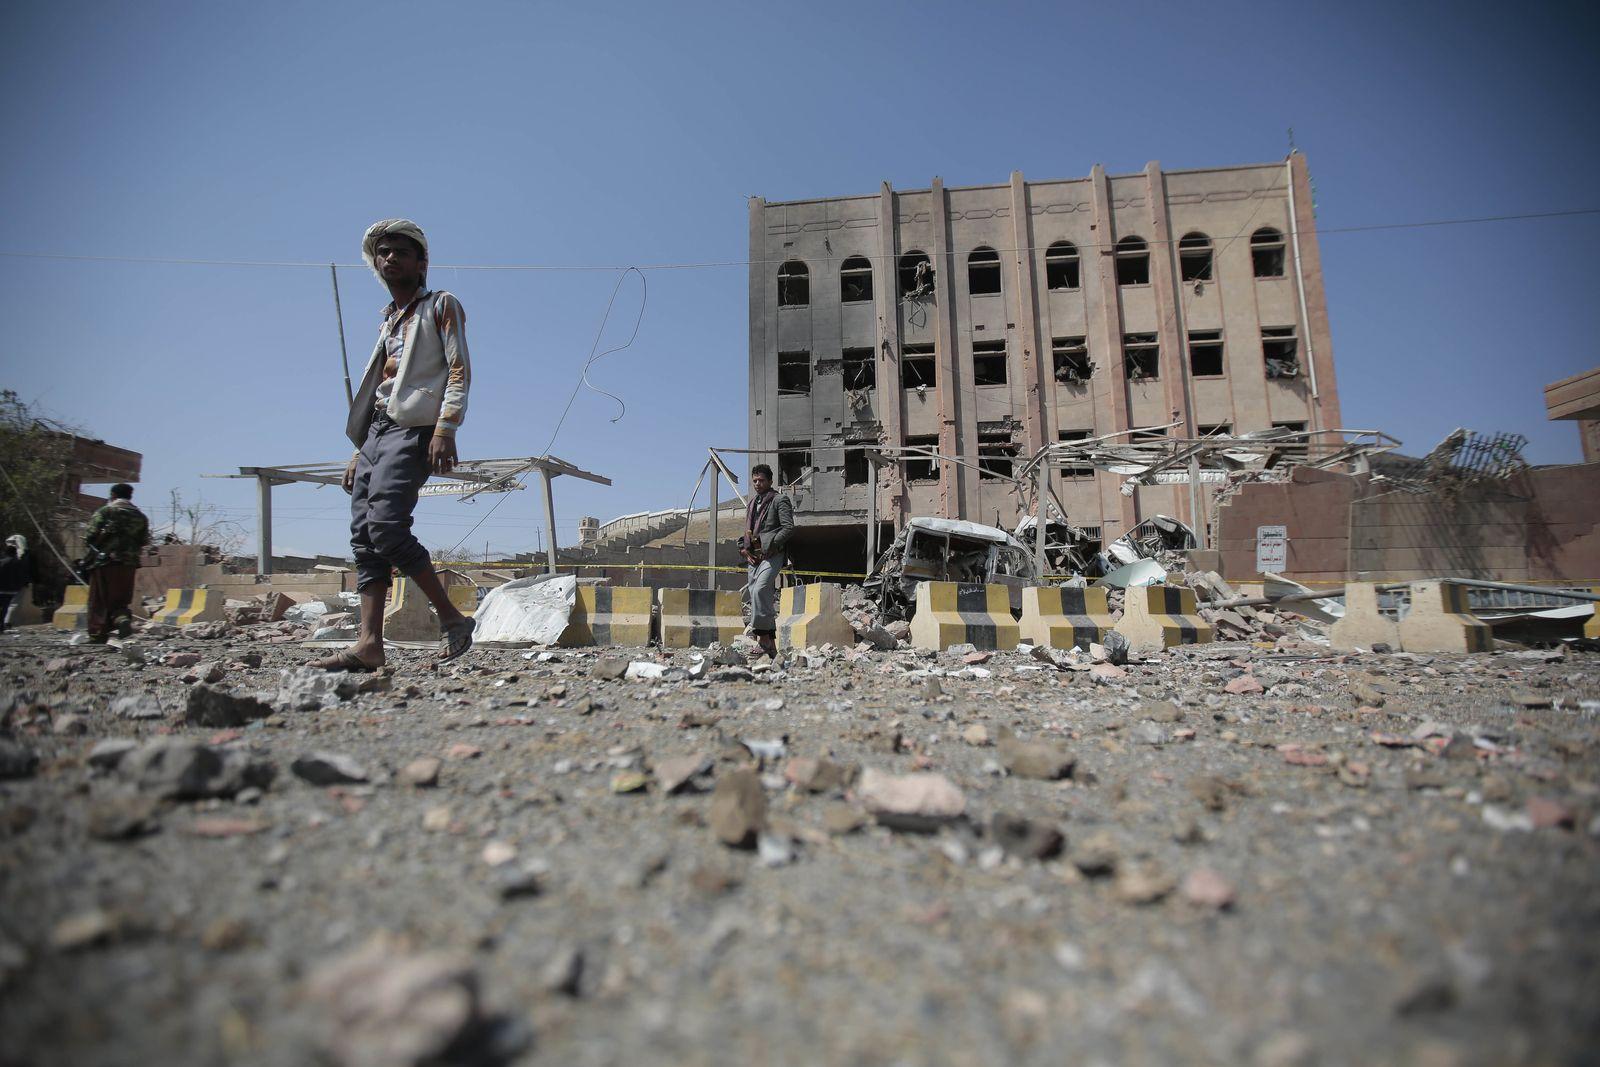 Luftangriff auf Forschungseinrichtung in Jemen